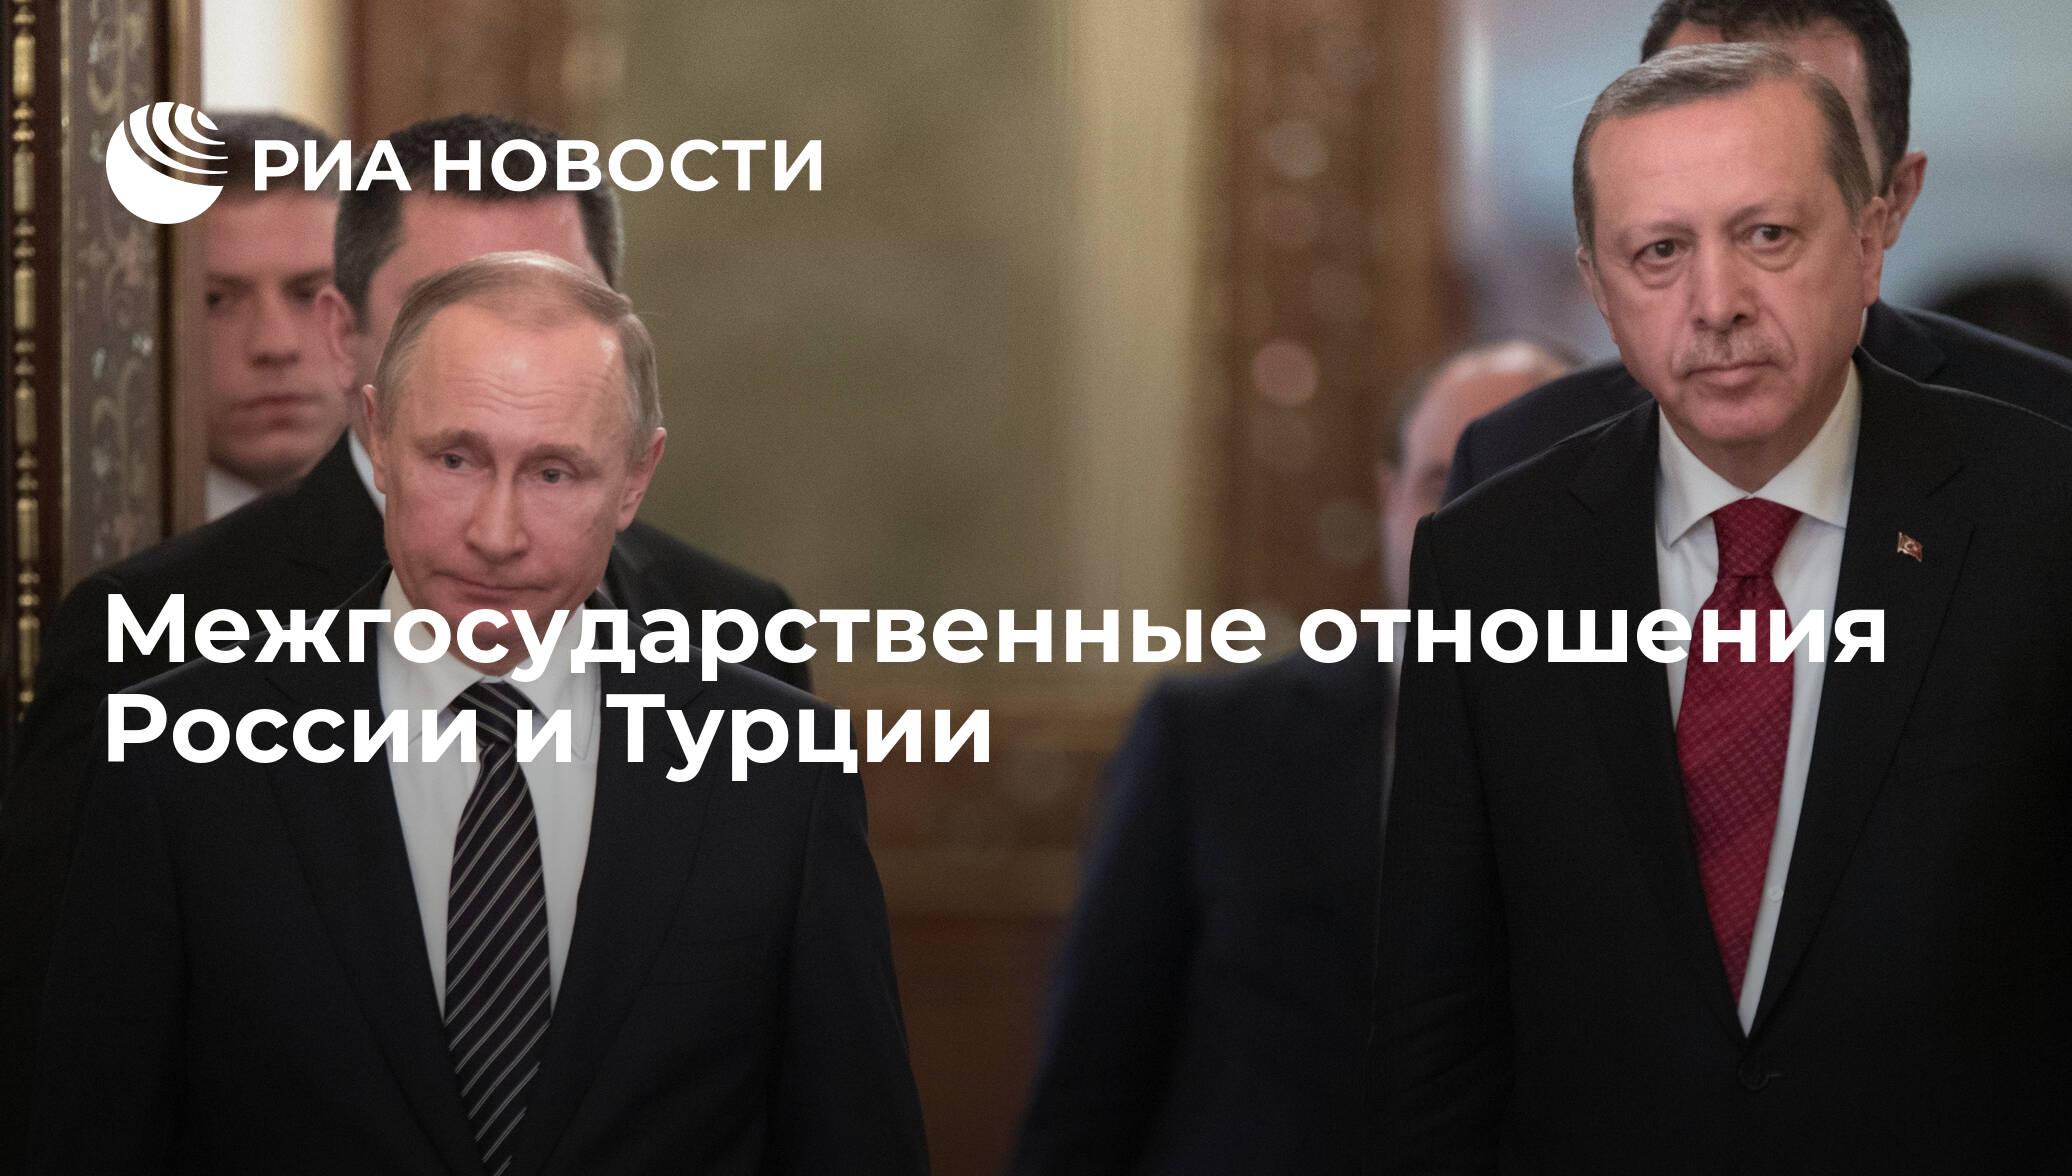 Отношения россии и турции реферат 2960